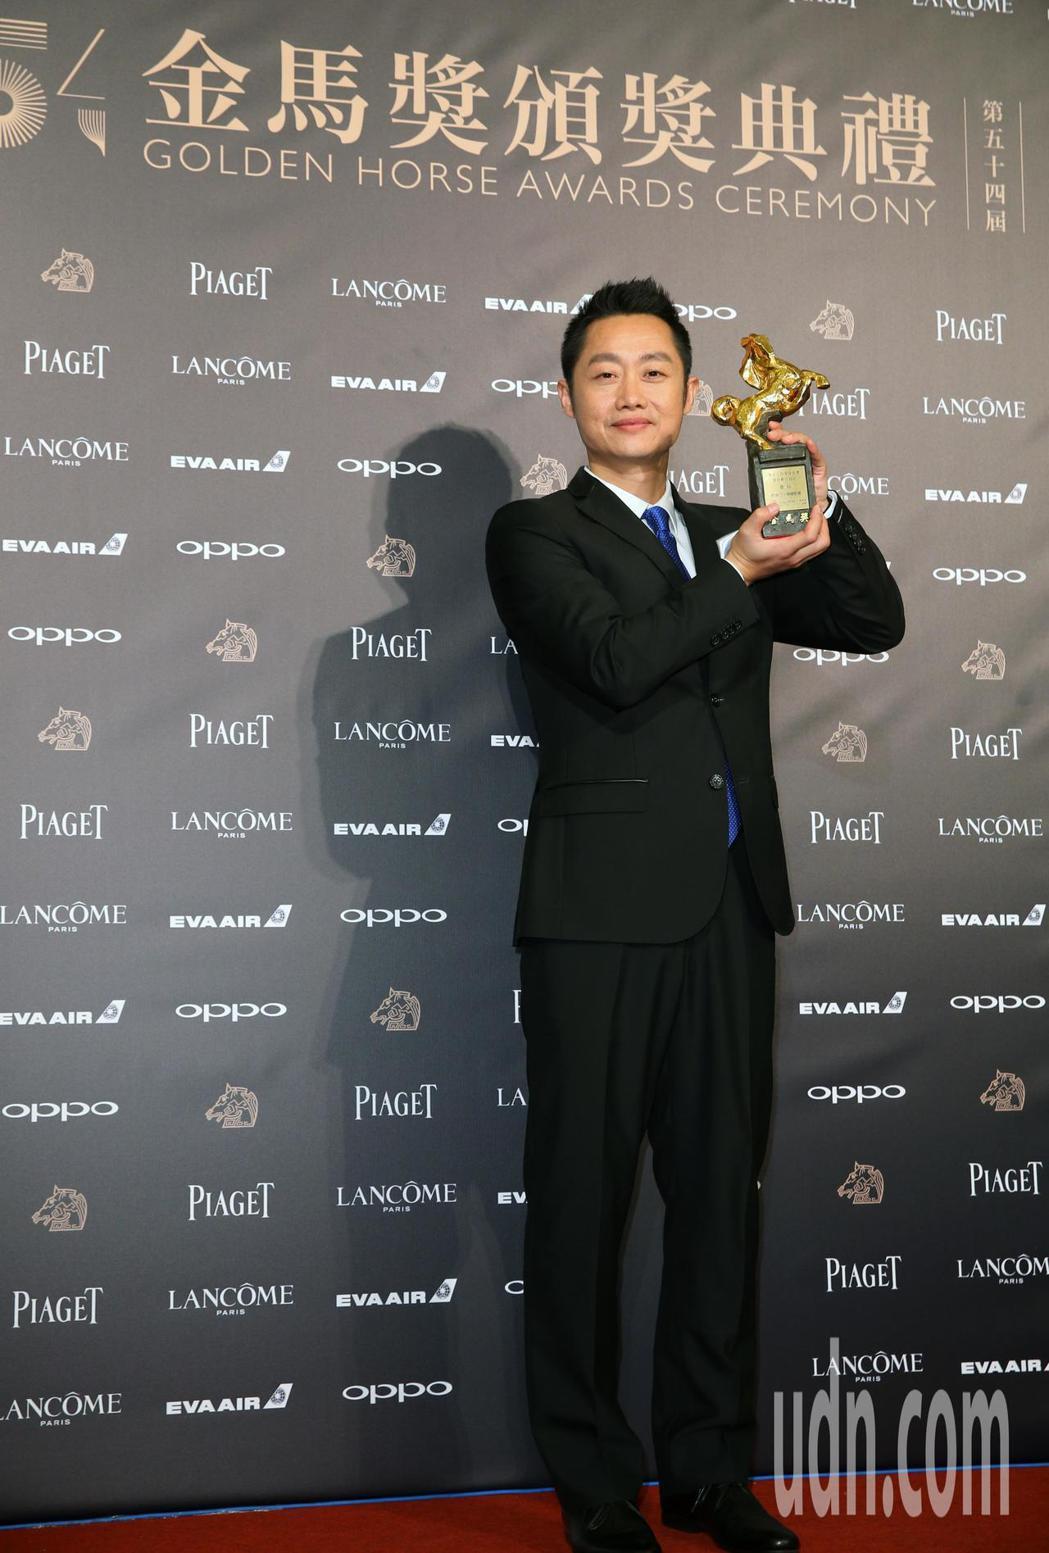 第54屆金馬獎頒獎,最佳動作設計獎由《綉春刀II修羅戰場》桑林獲得。記者陳正興/...